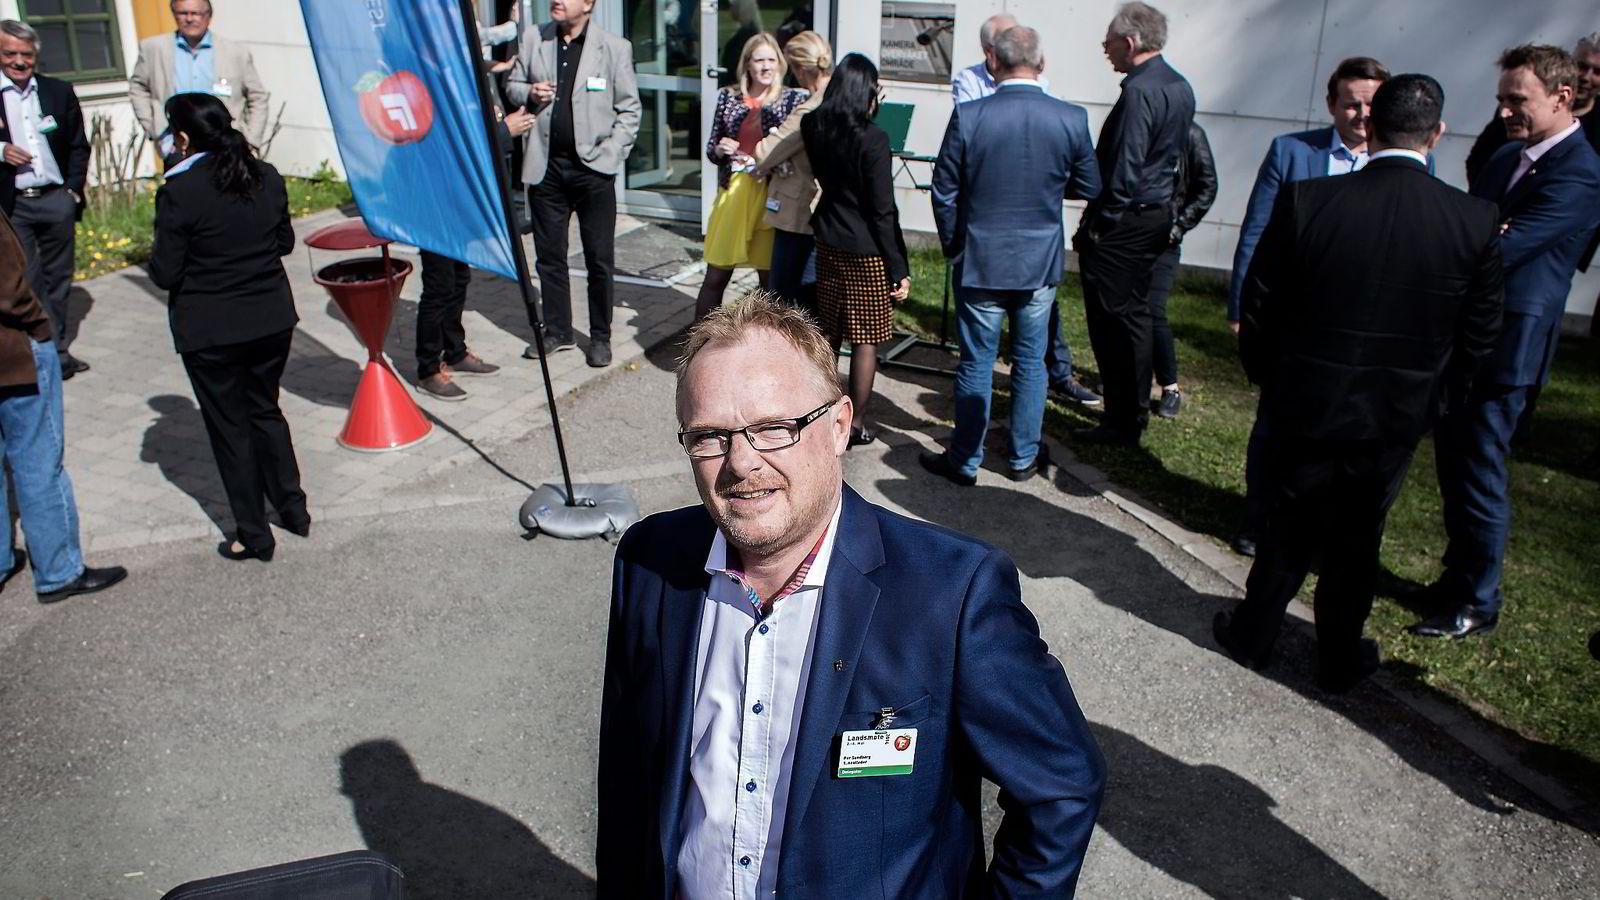 KONGEHUSKRITISK. – Kronprinsparet opptrer mer og mer som politikere, sier republikaner Per Sandberg. Foto: Klaudia Lech